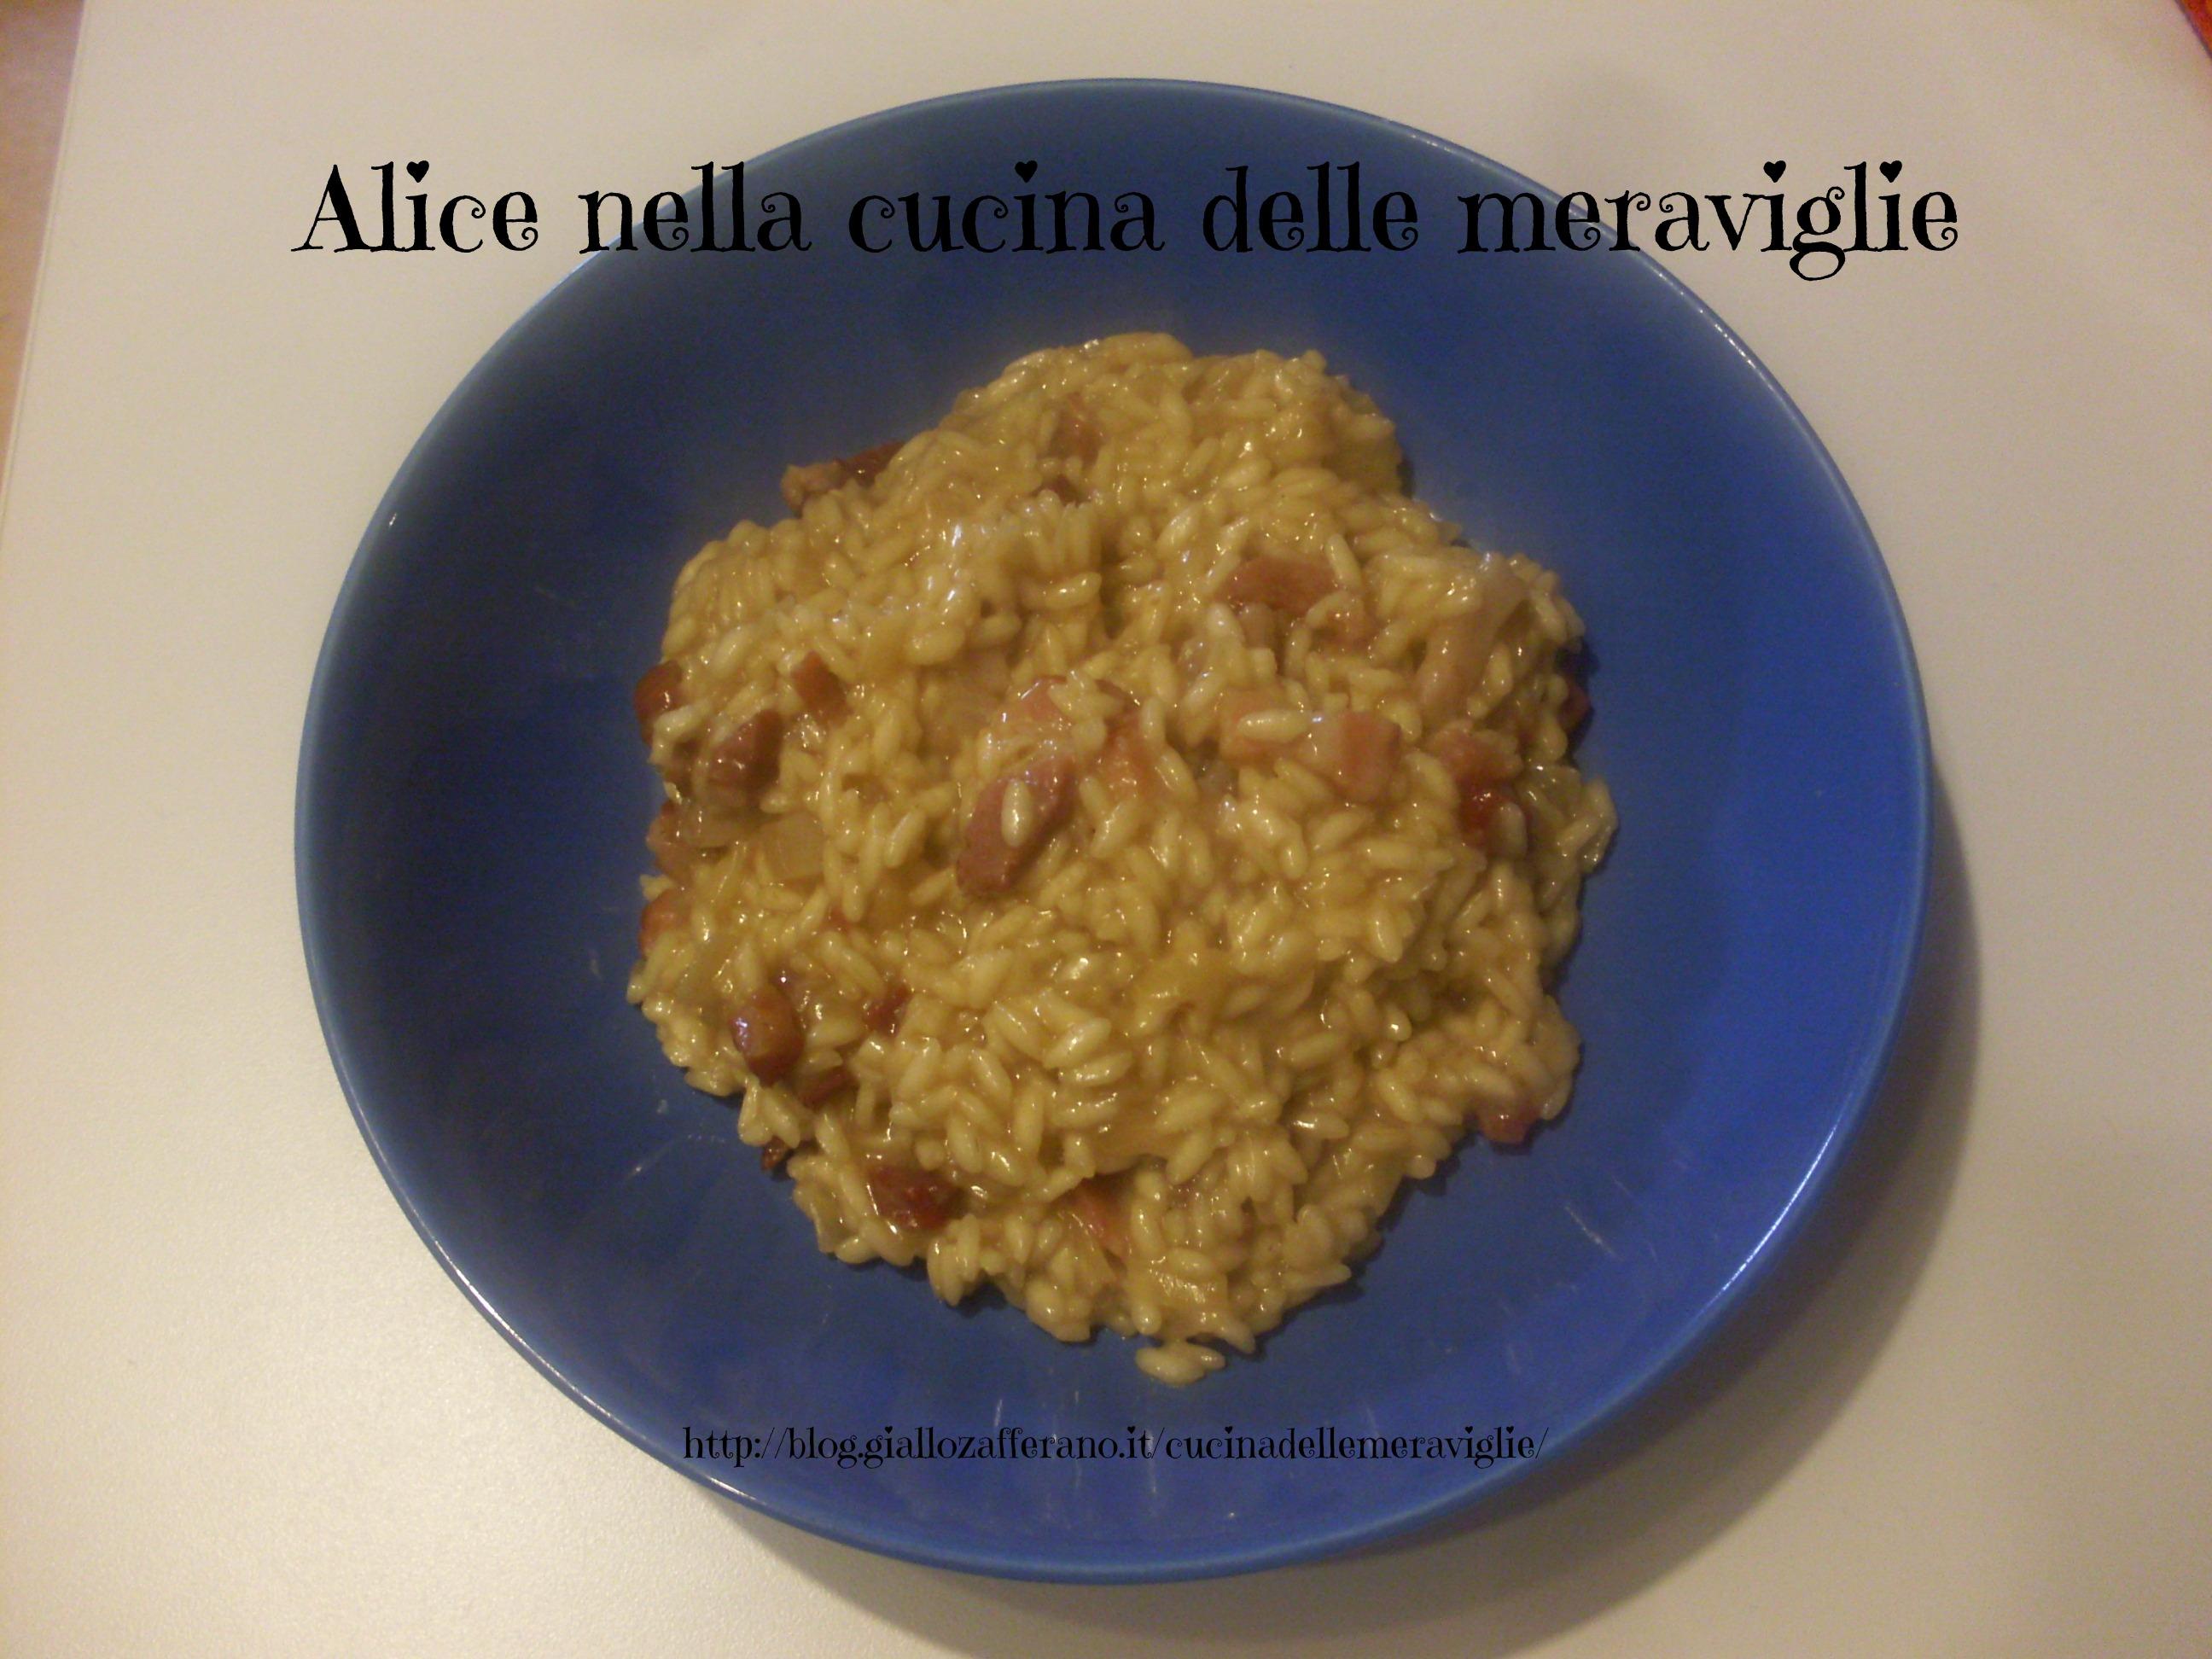 Risotto birra e pancetta Ricetta primo piatto Alice nella cucina delle meraviglie